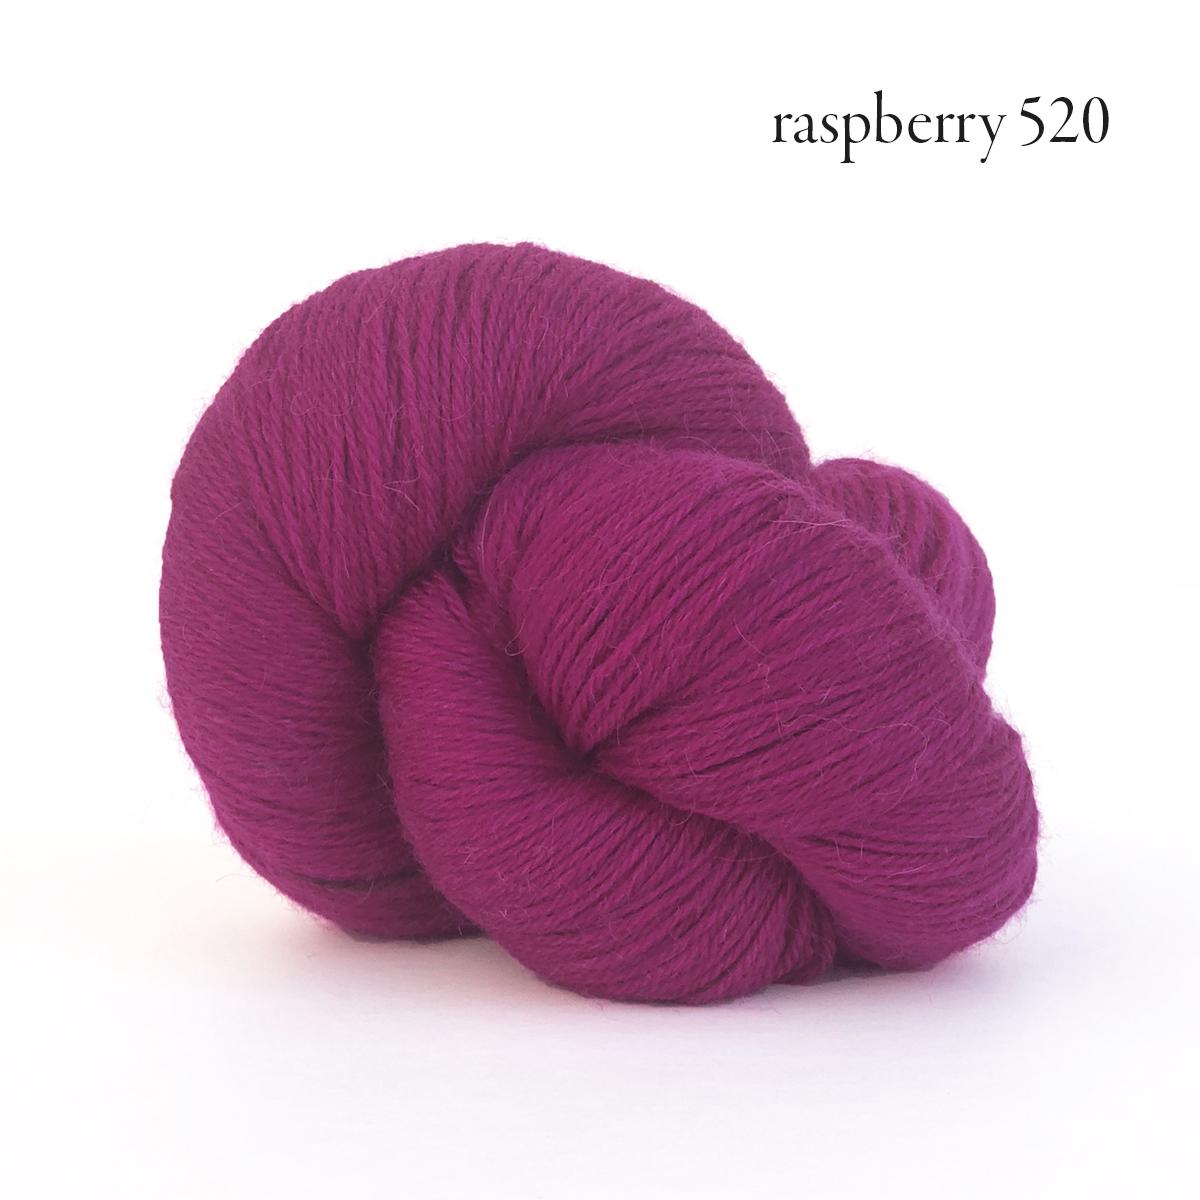 perennial raspberry 520.jpg